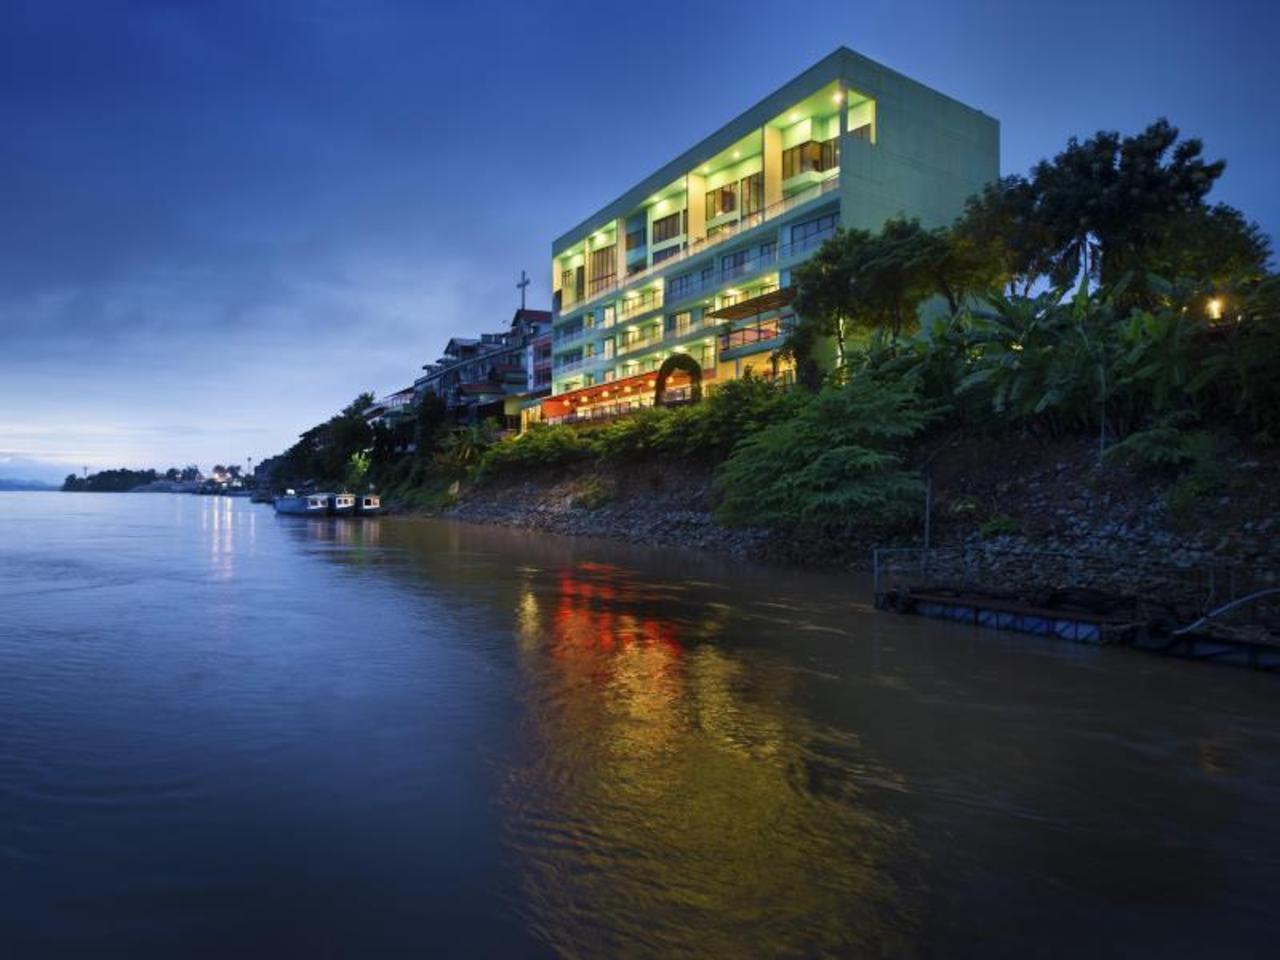 โรงแรมซีรีน แอท เชียงราย (Serene at Chiang Rai Hotel)